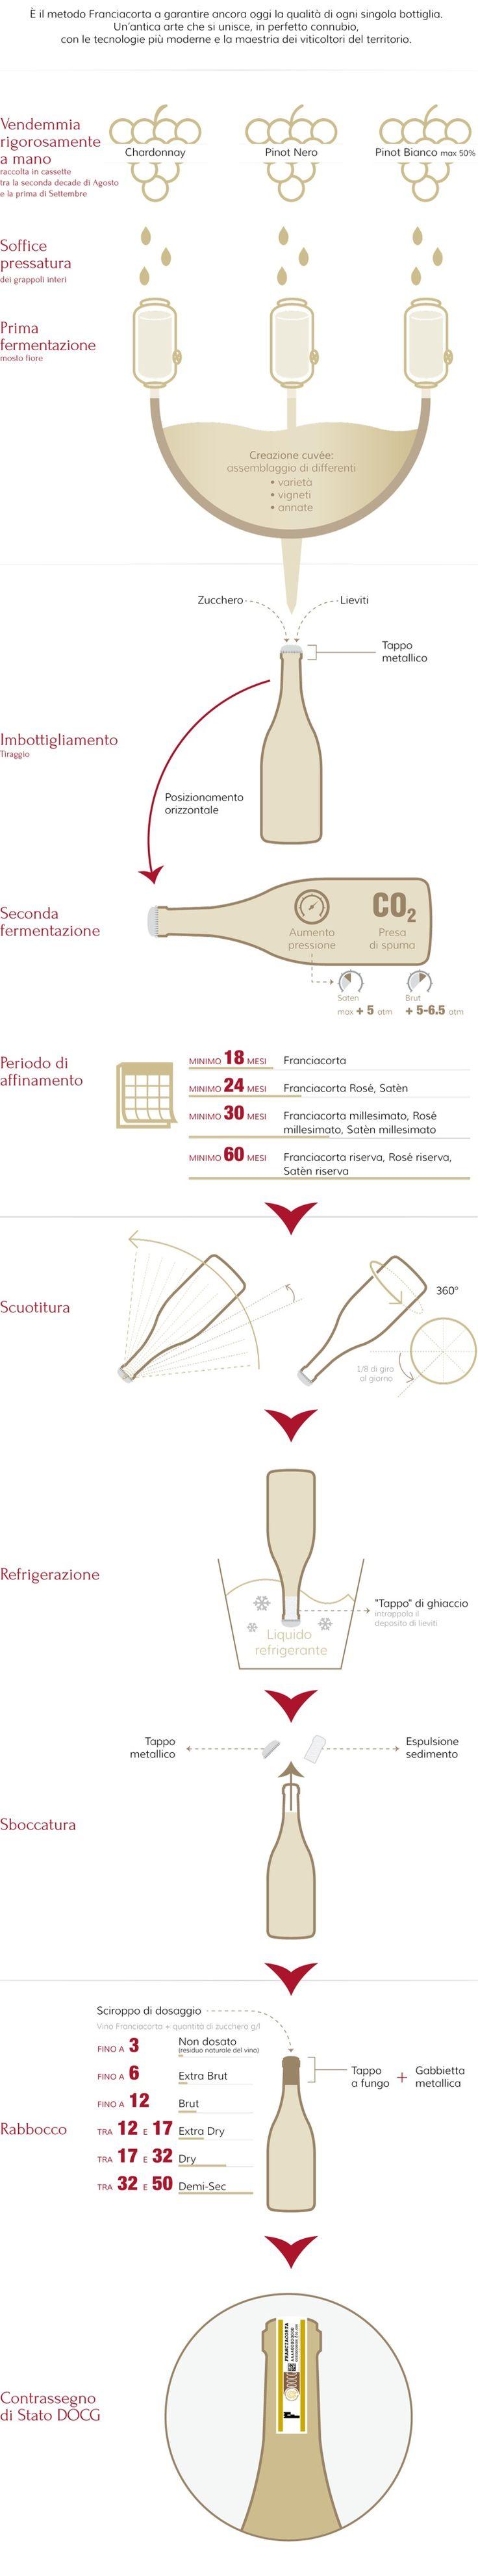 Método y Etapas • Franciacorta #infografía